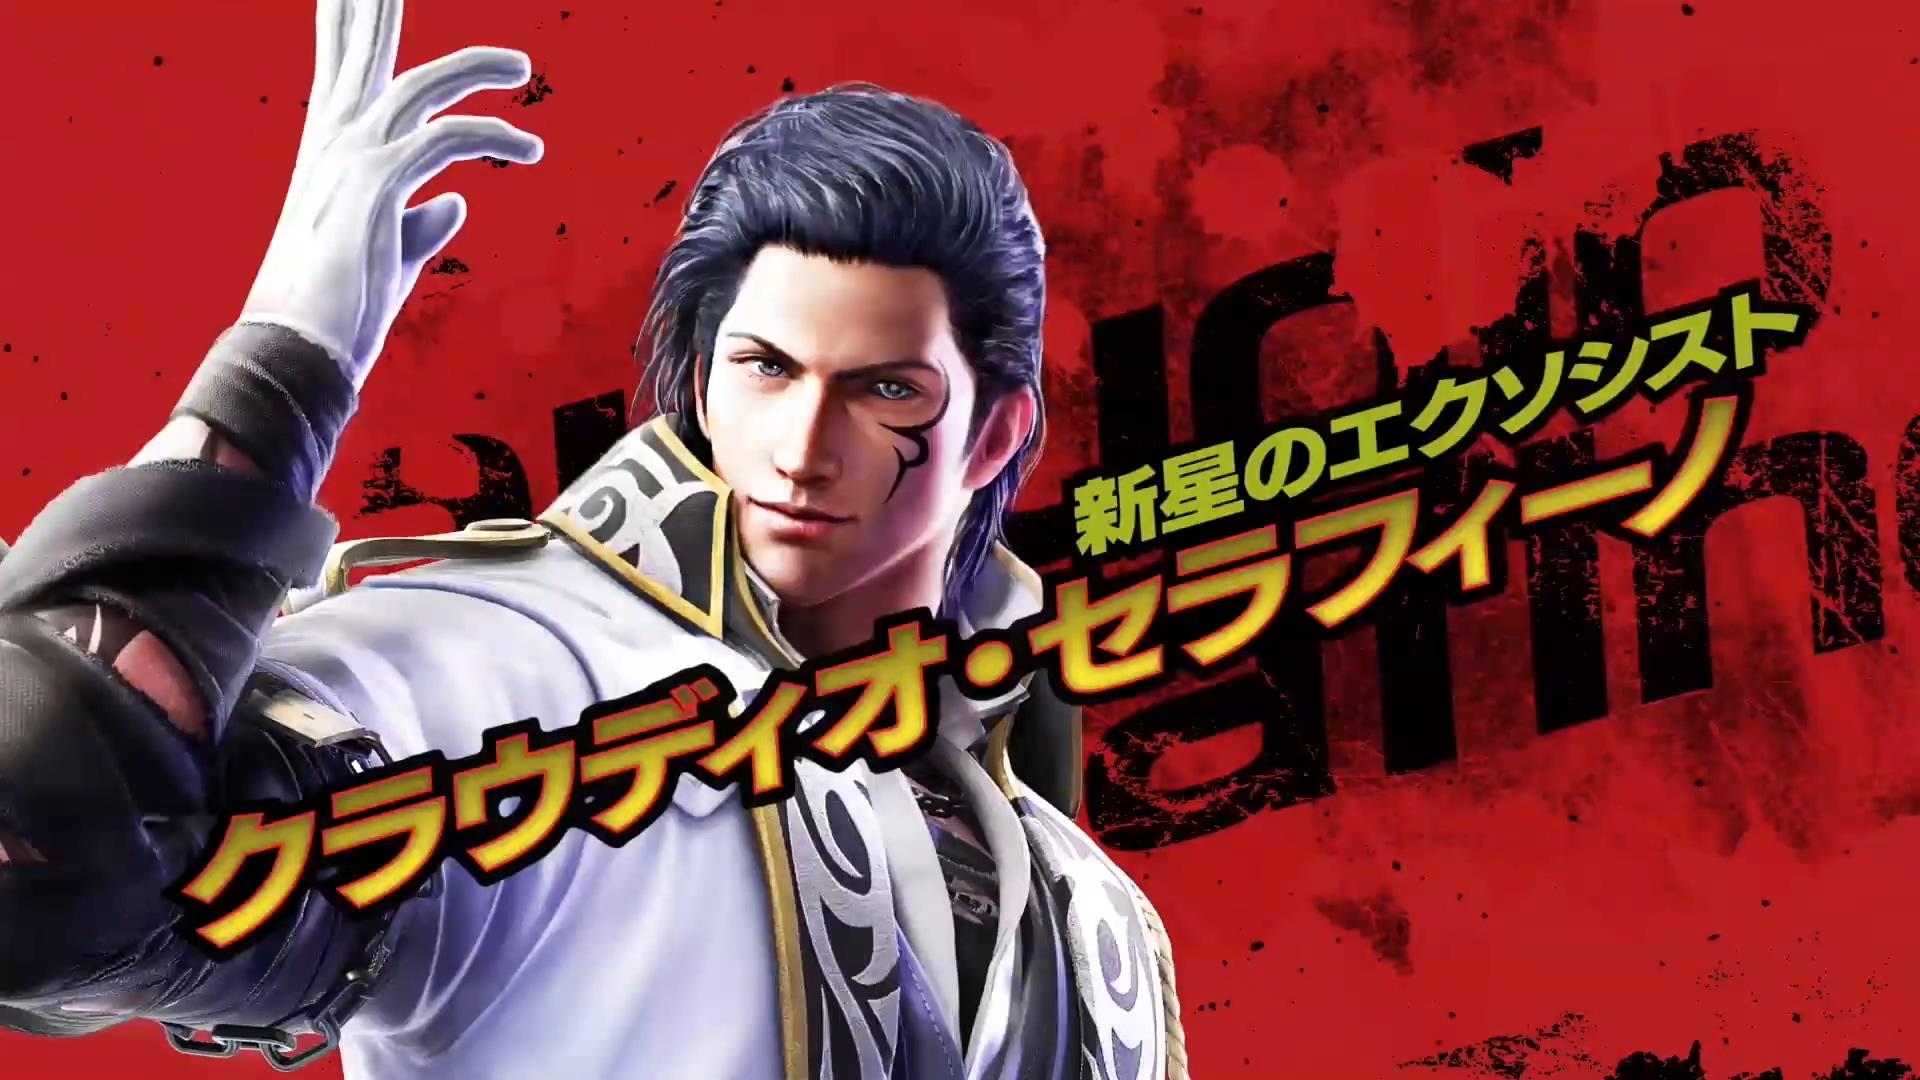 Tekken 7 - Claudio Serafino Movelist Rundown - News - Avoiding The